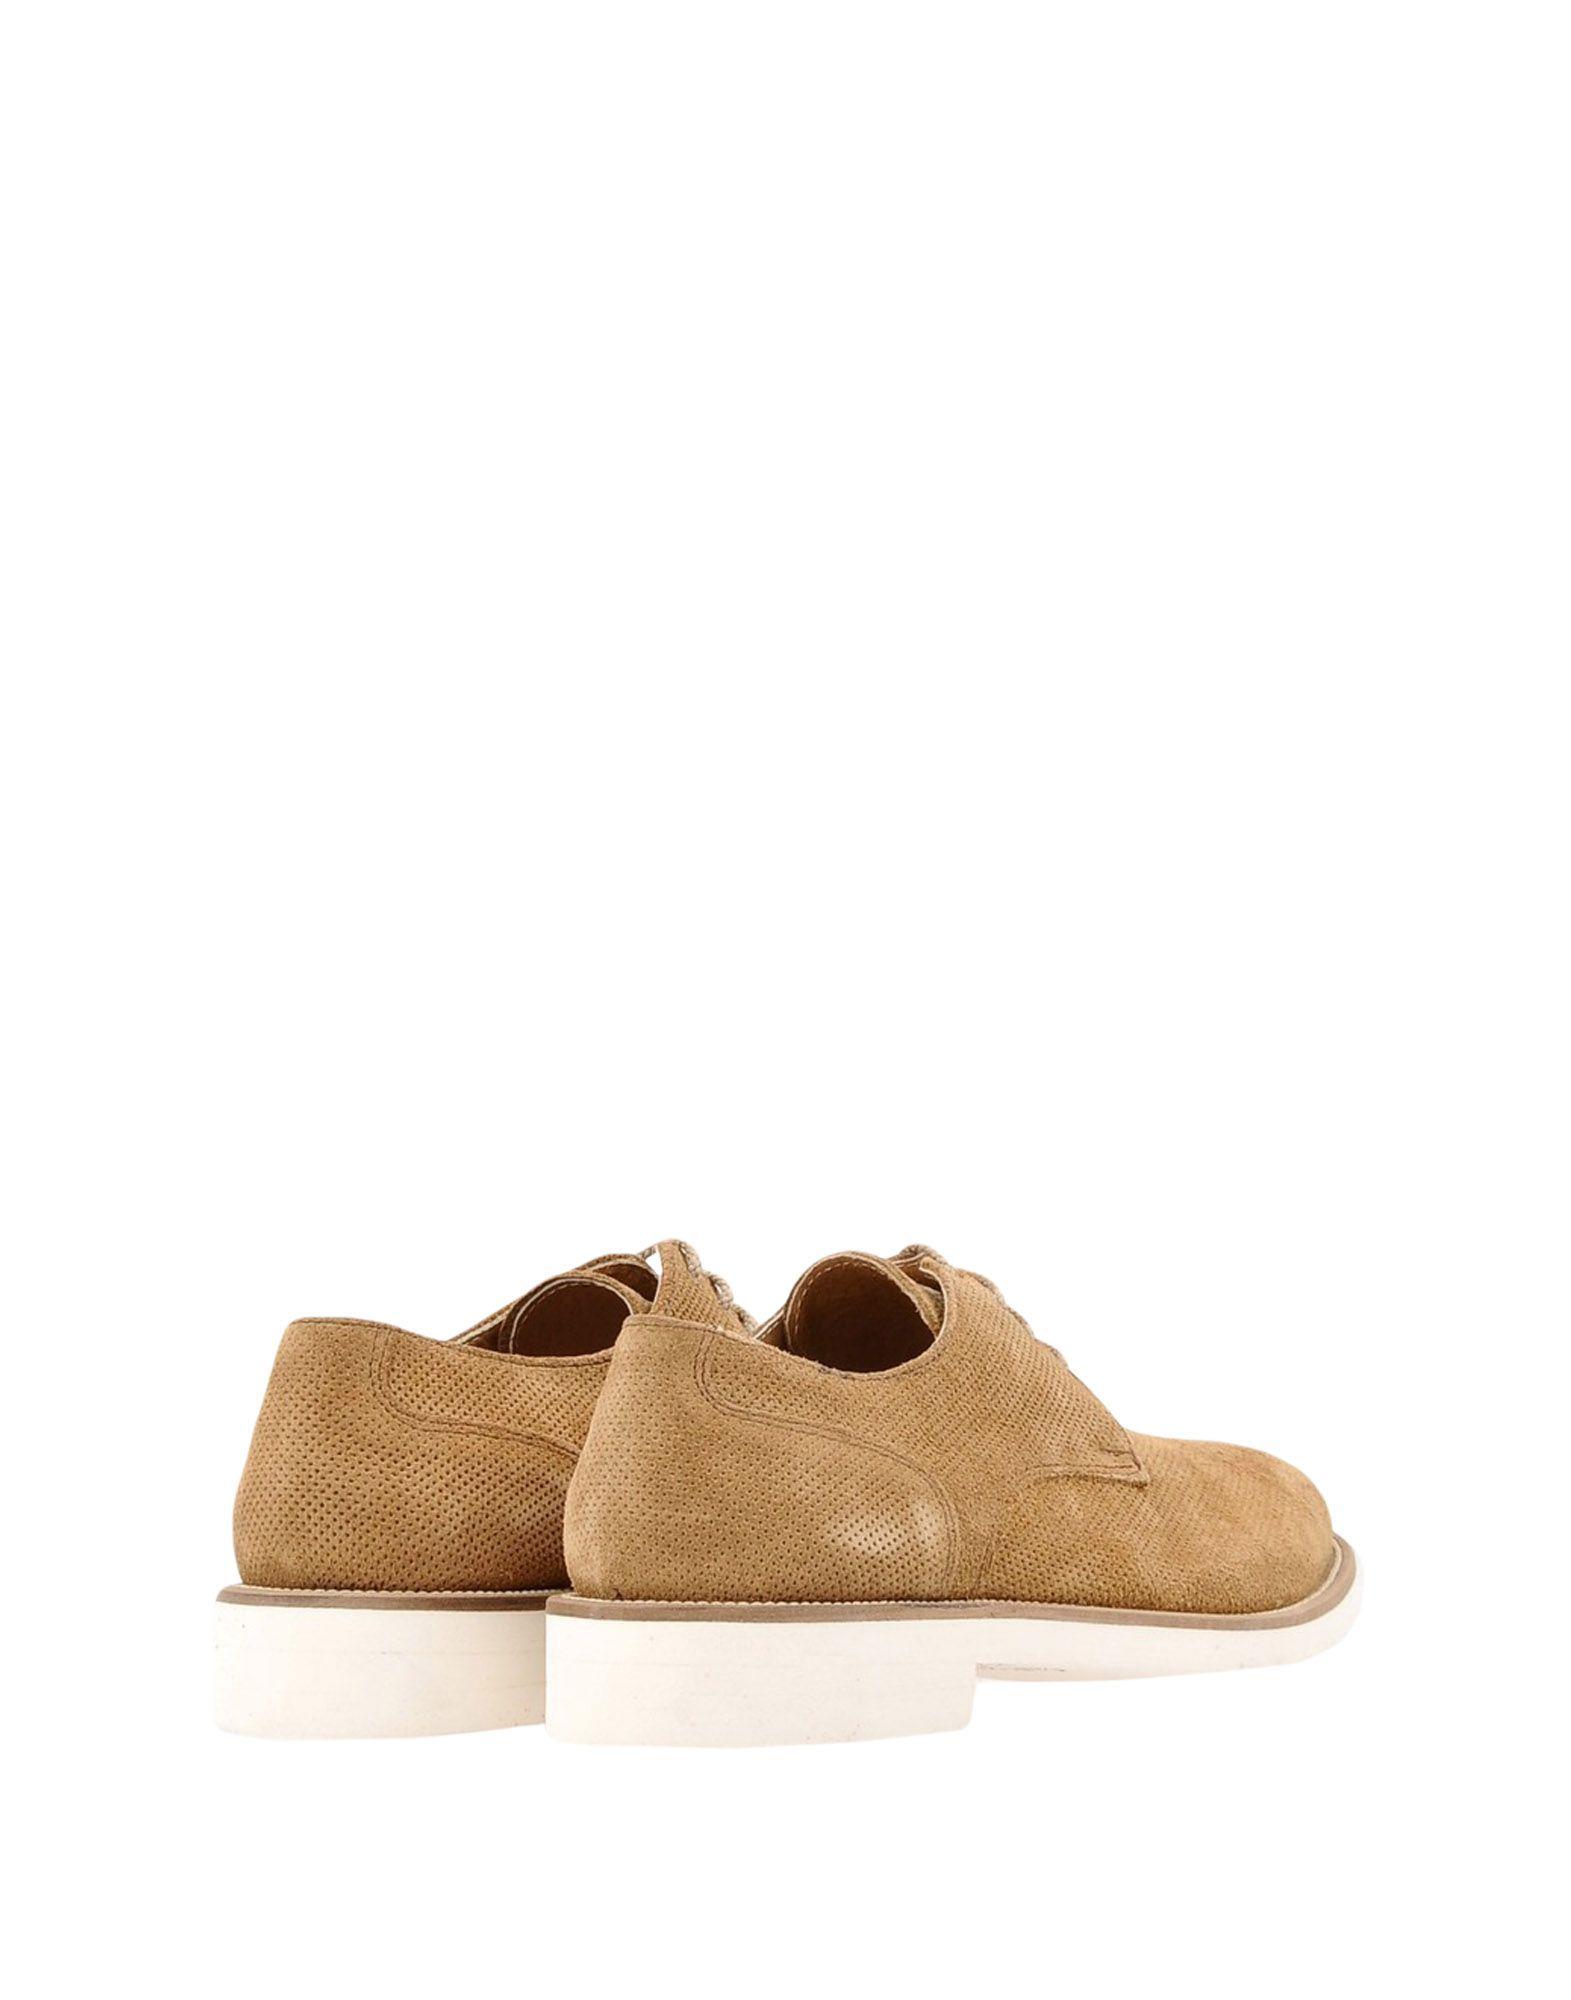 Chaussures À Lacets Carmine Marfé Homme - Chaussures À Lacets Carmine Marfé sur